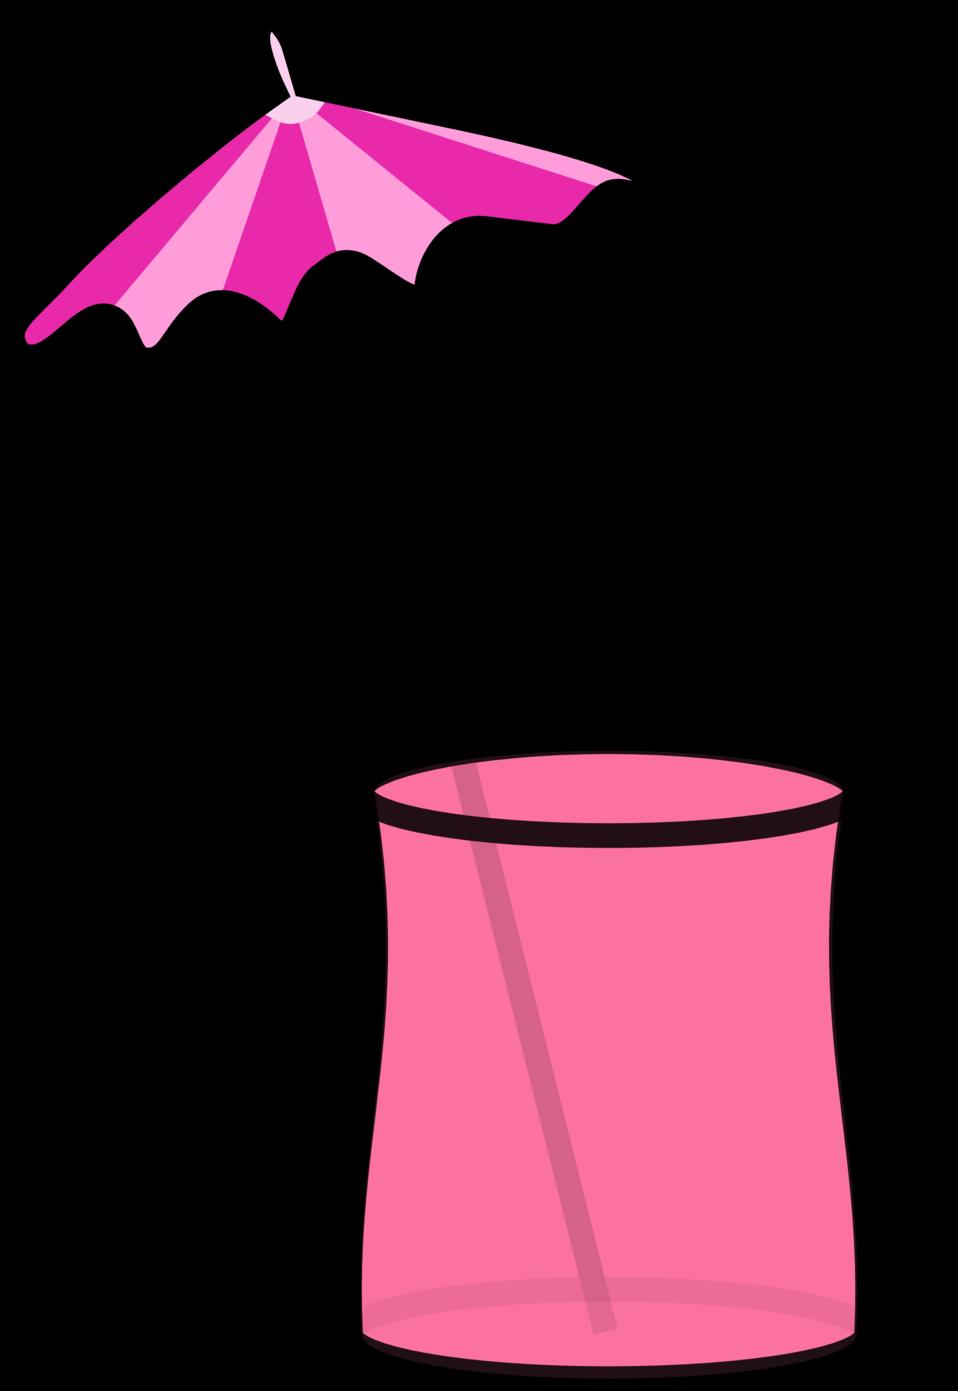 Public domain clip art. Clipart umbrella drink